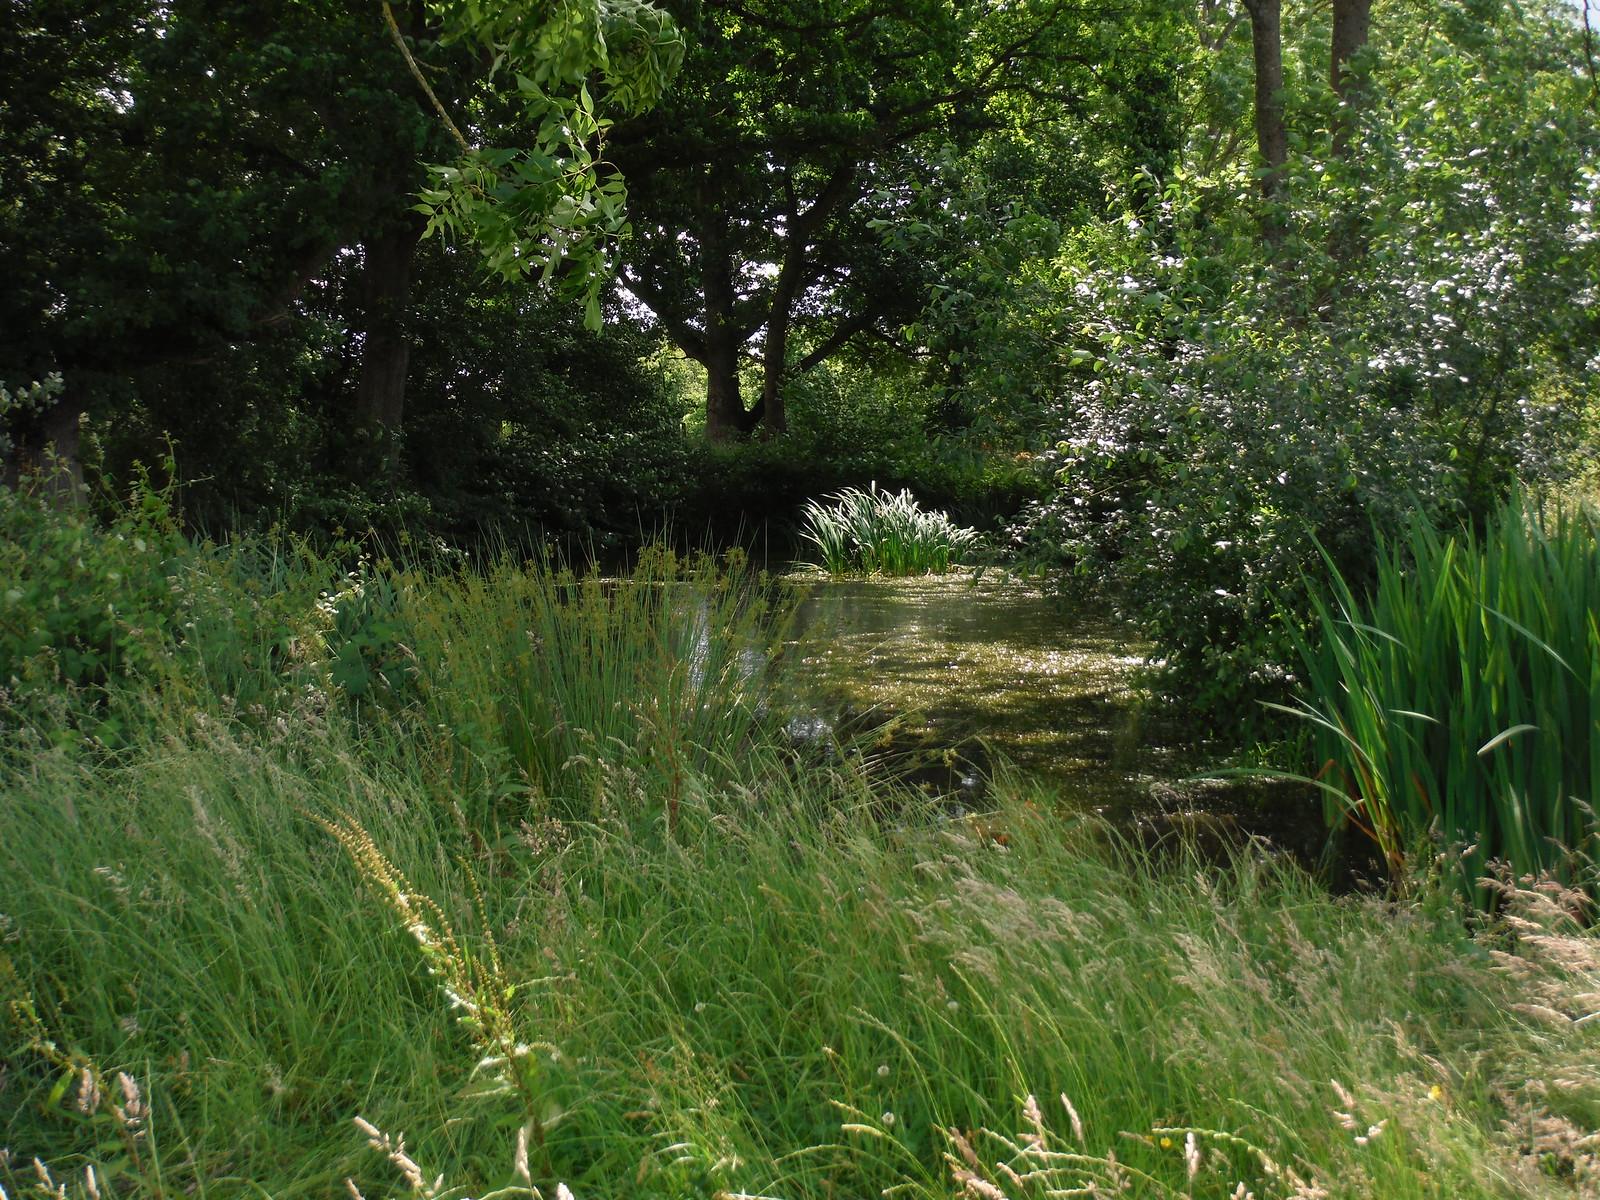 Pond in Meadow, near Frenchmoor SWC Walk 265 - Dean to Mottisfont & Dunbridge